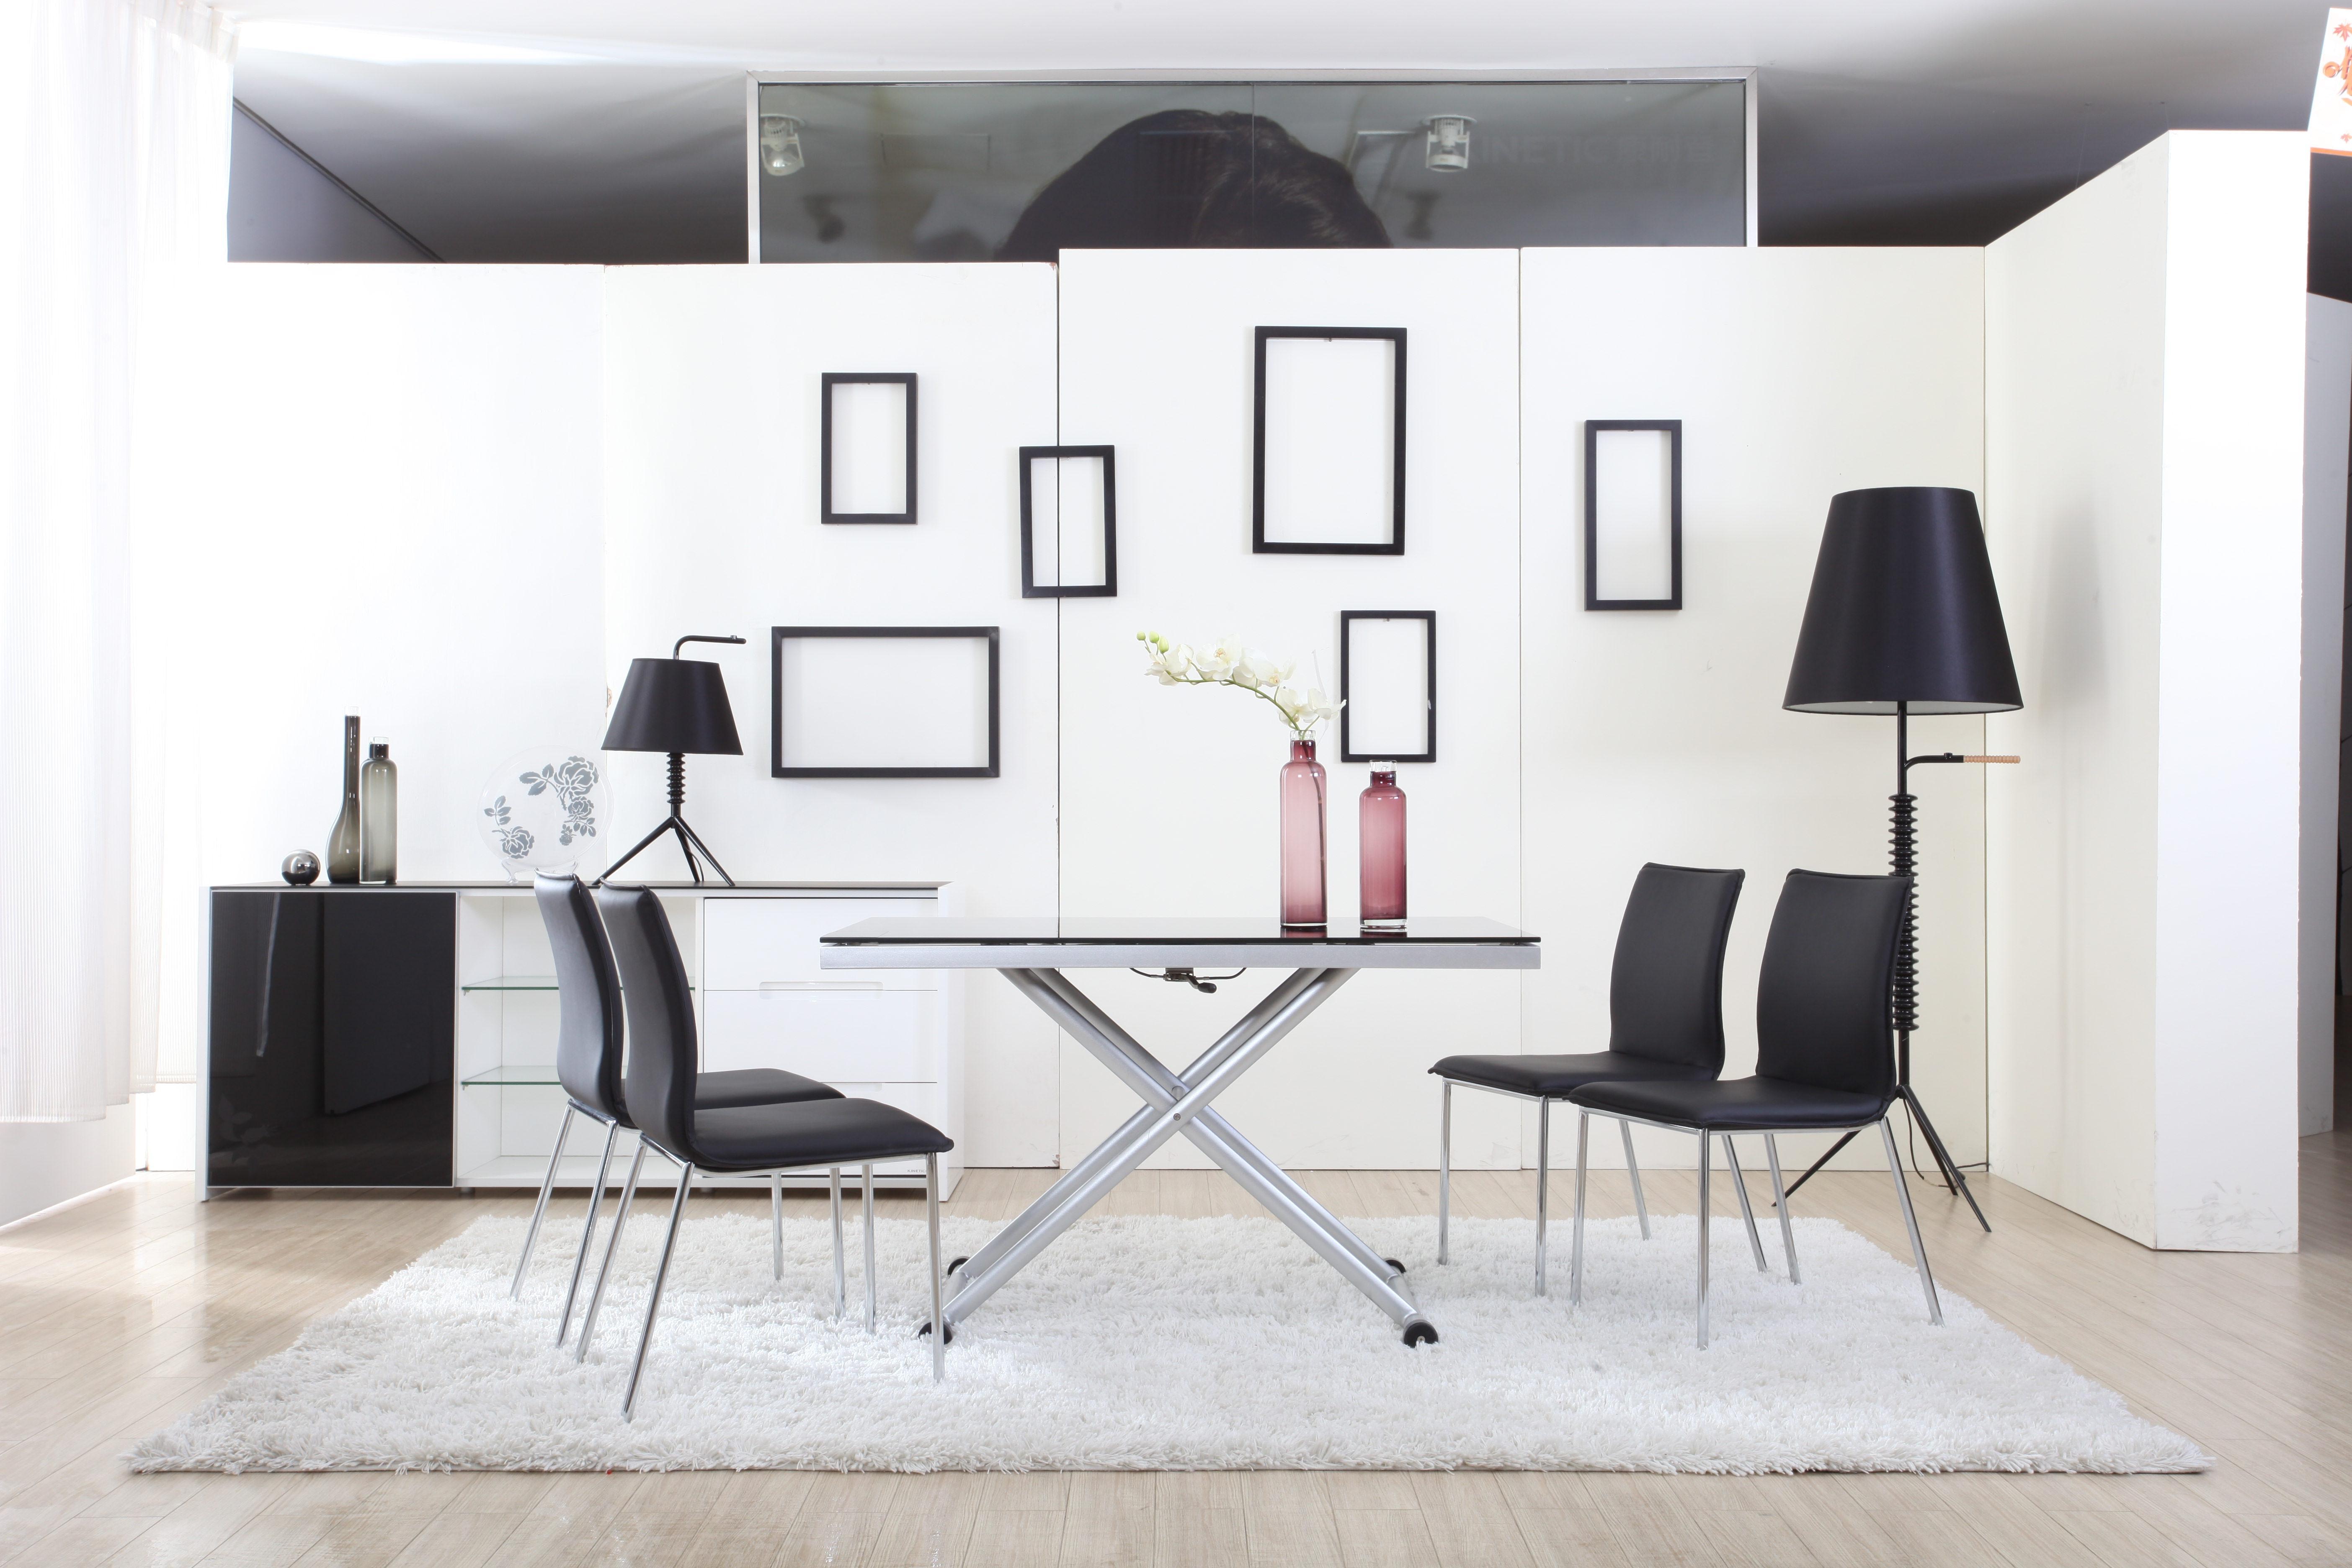 康耐登家居专卖店-善融商务个人商城专营室内外装饰